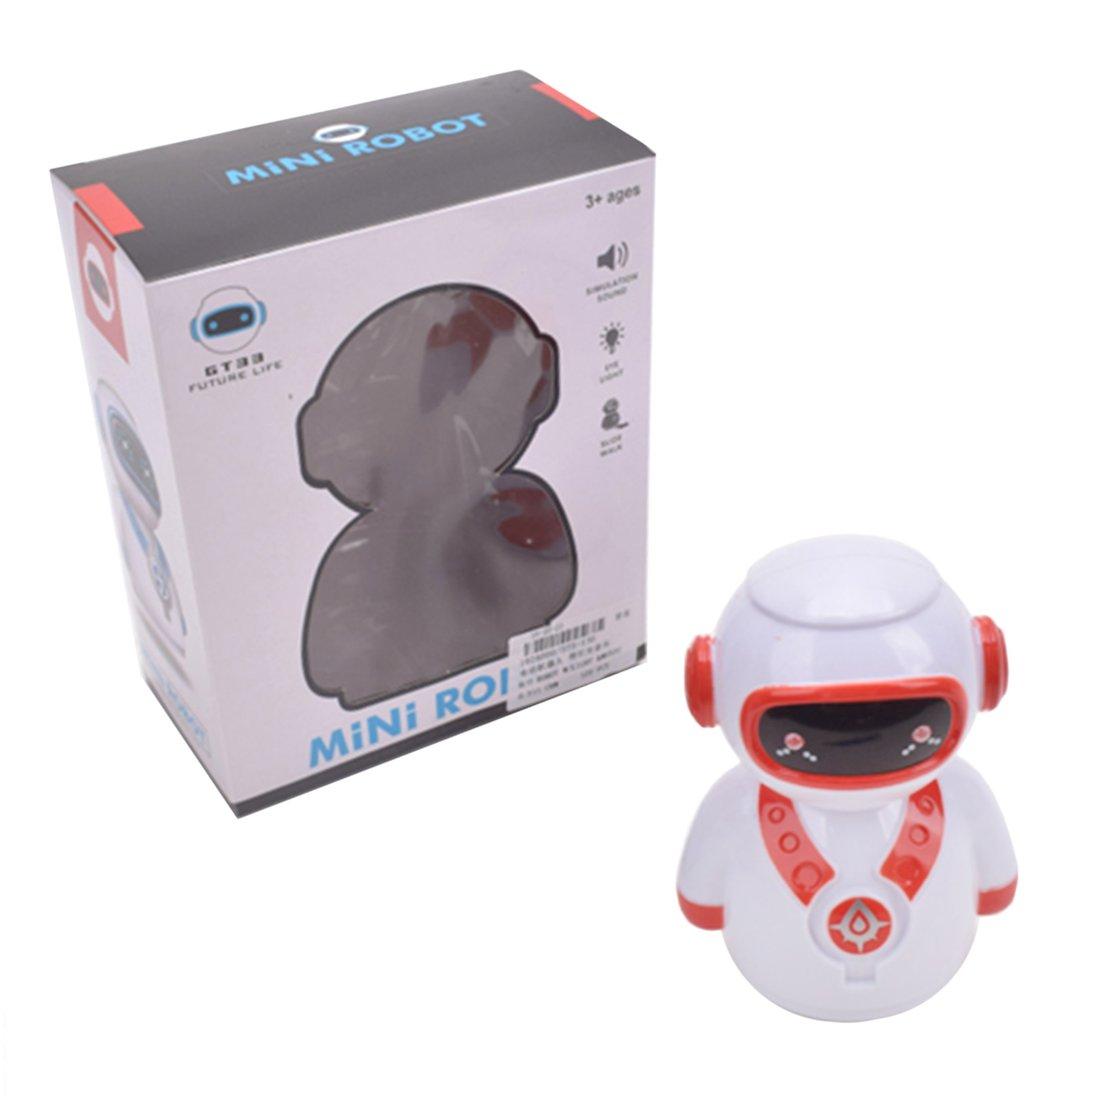 Робот, свет, звук, эл.пит.ААА*2шт.не вх.в комплект, коробка